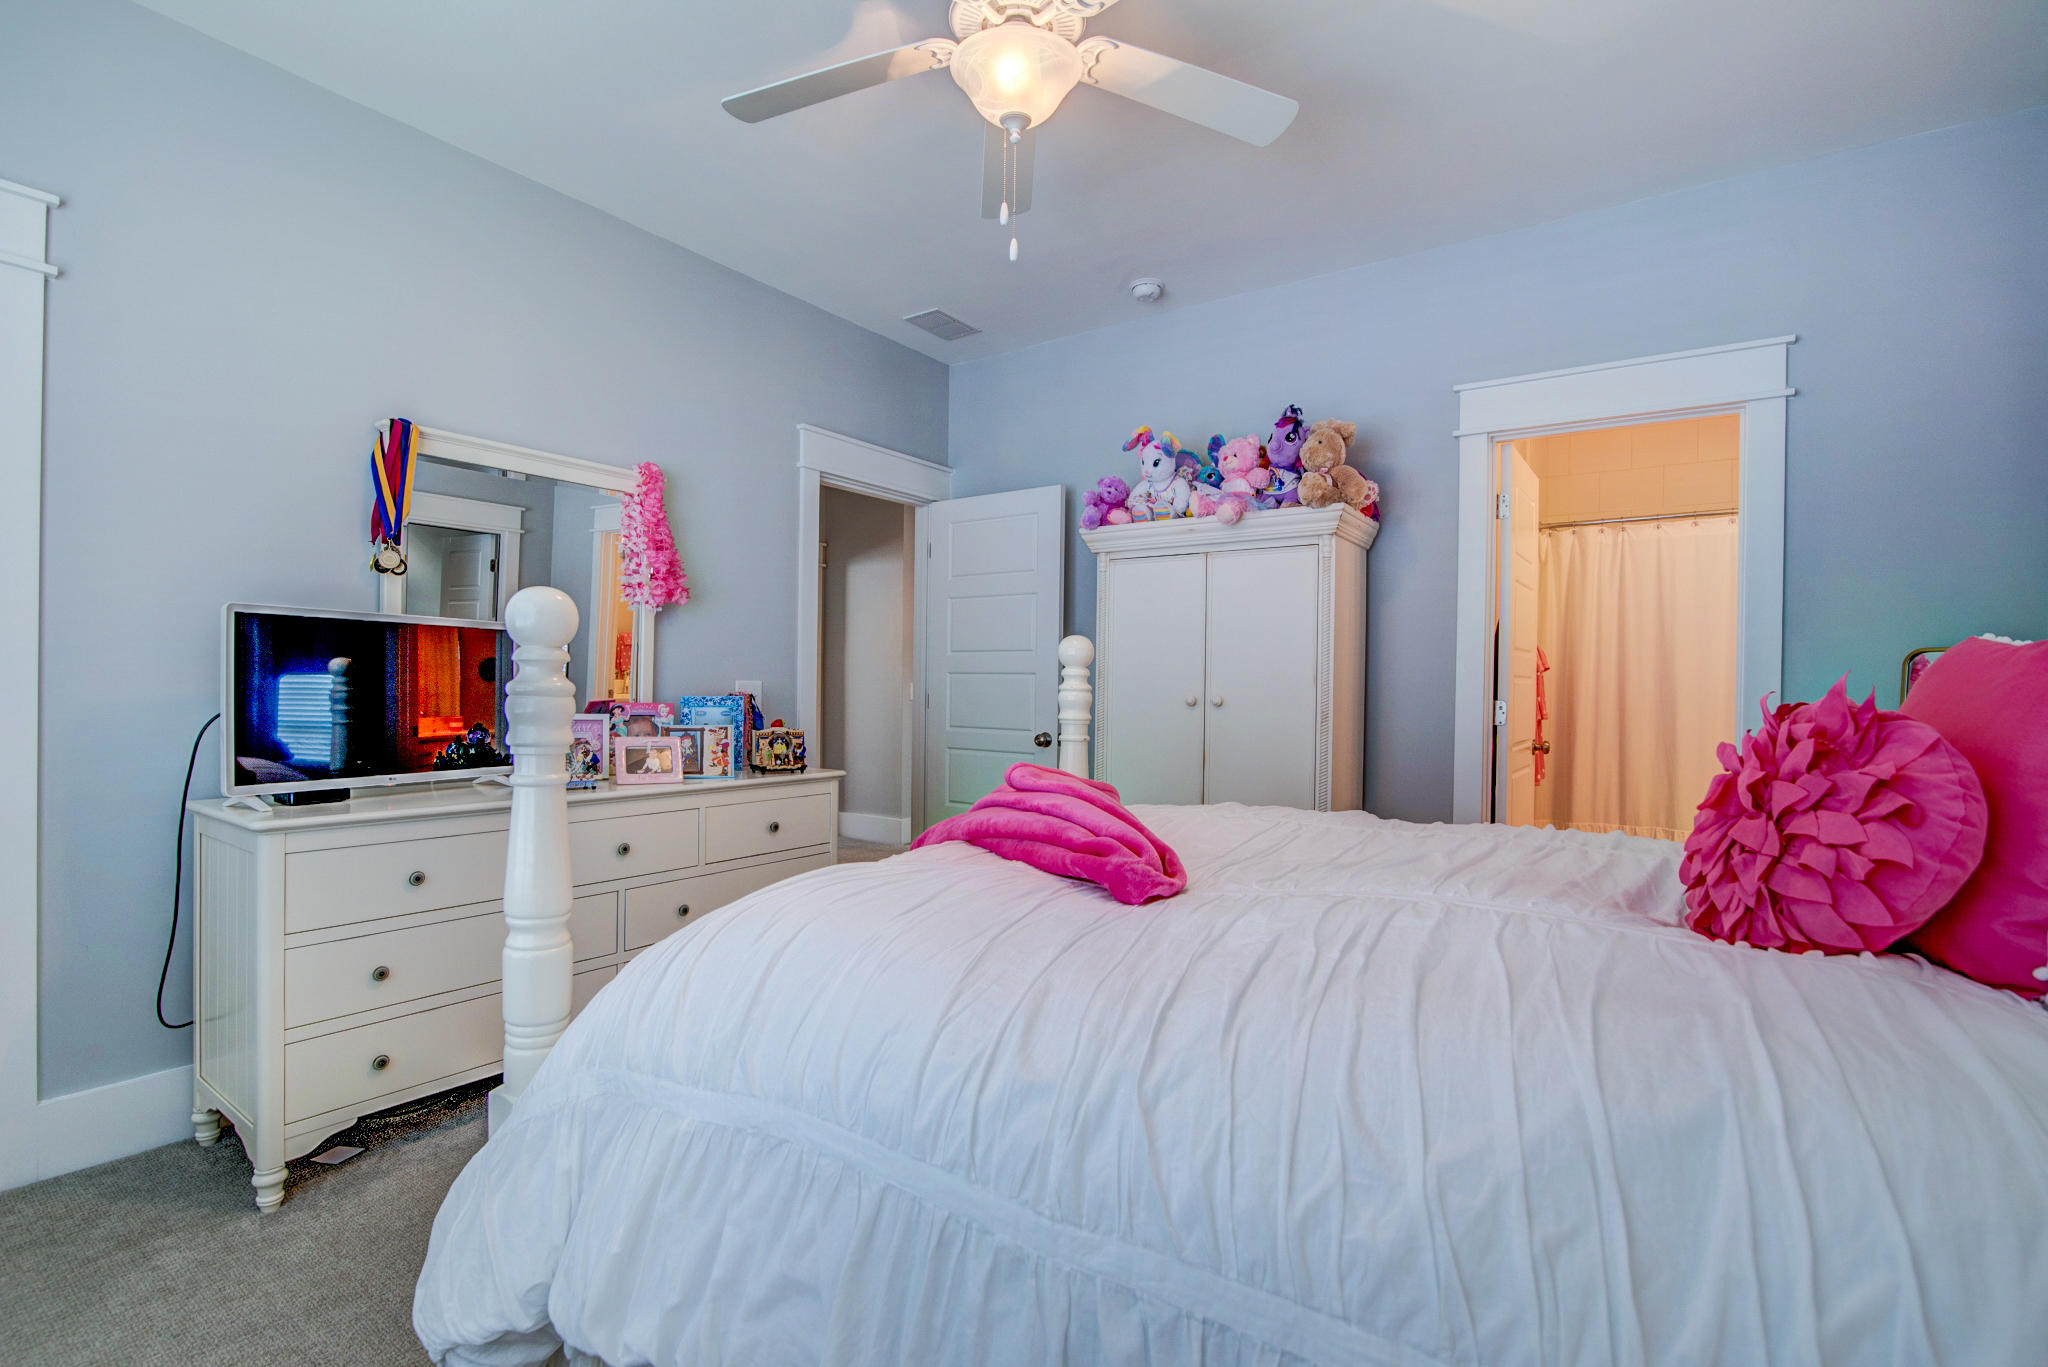 Dunes West Homes For Sale - 2883 River Vista, Mount Pleasant, SC - 10